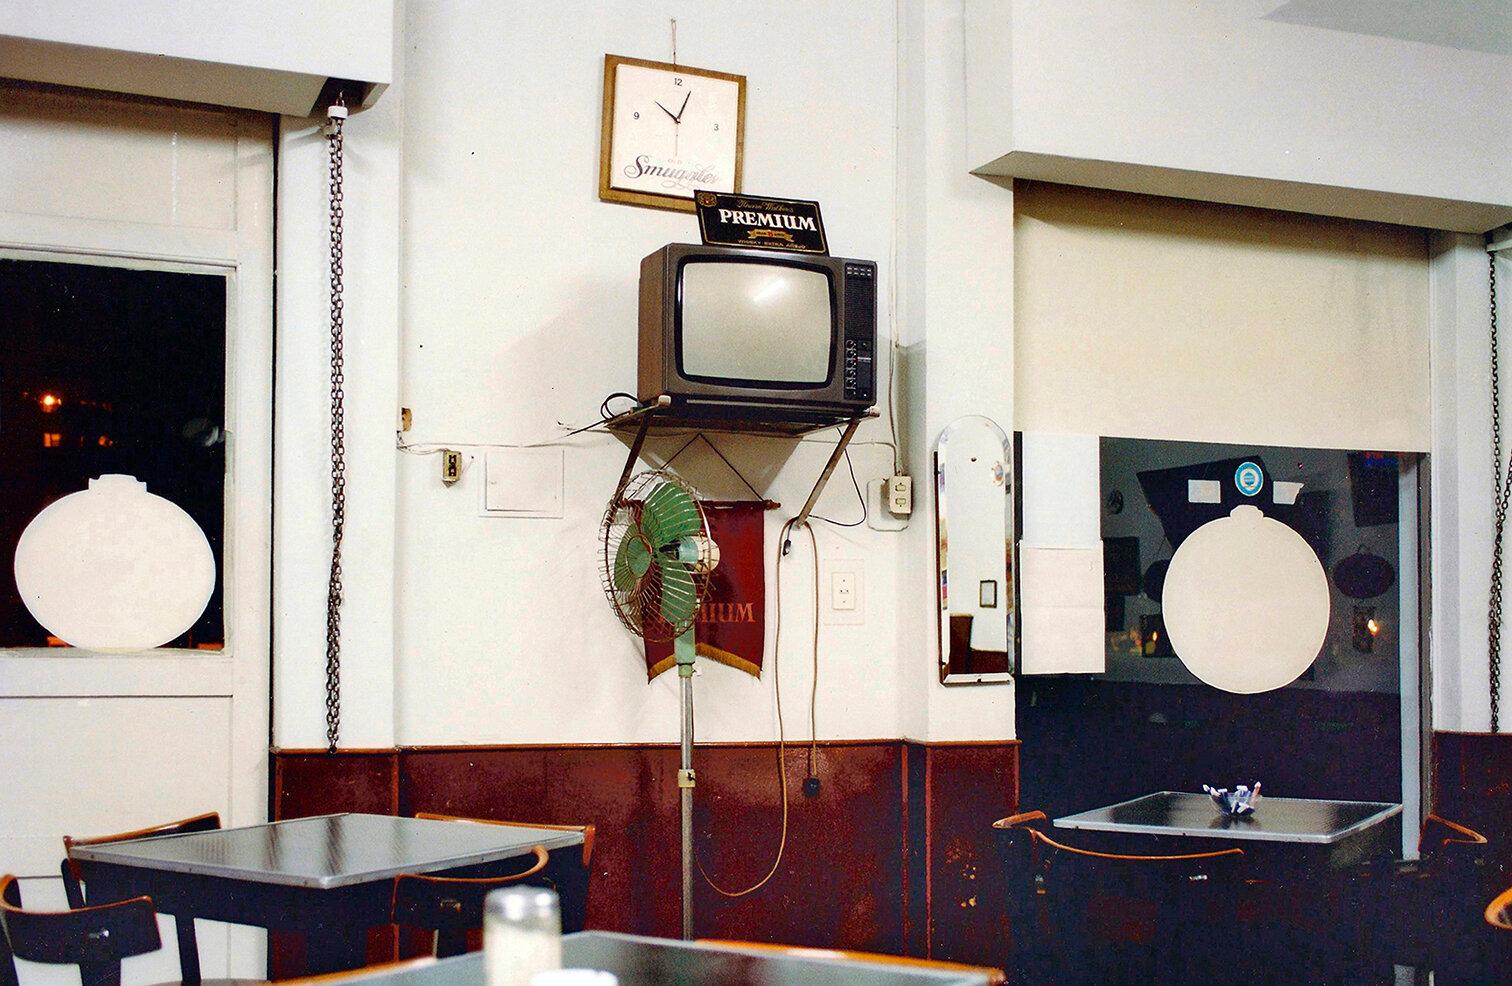 29 Café Los tribunales Los tribunales´s cafe 2000 copia.jpg